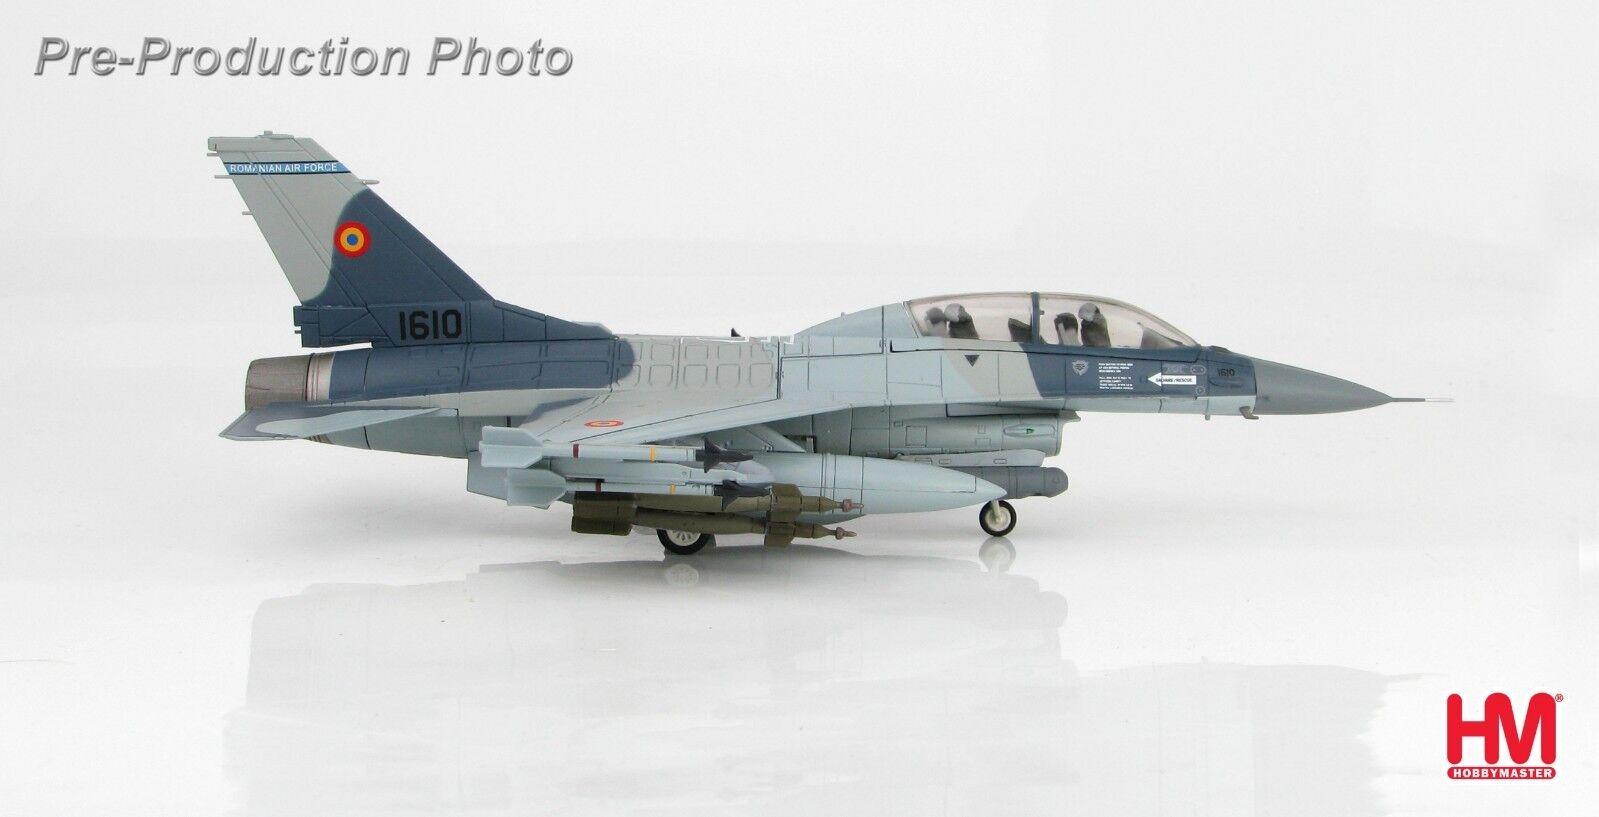 precios mas bajos Hobby Master Master Master HA3860, Lockheed Martin F-16BM 1609, 1 72, 2017 de la fuerza aérea rumana  muchas sorpresas